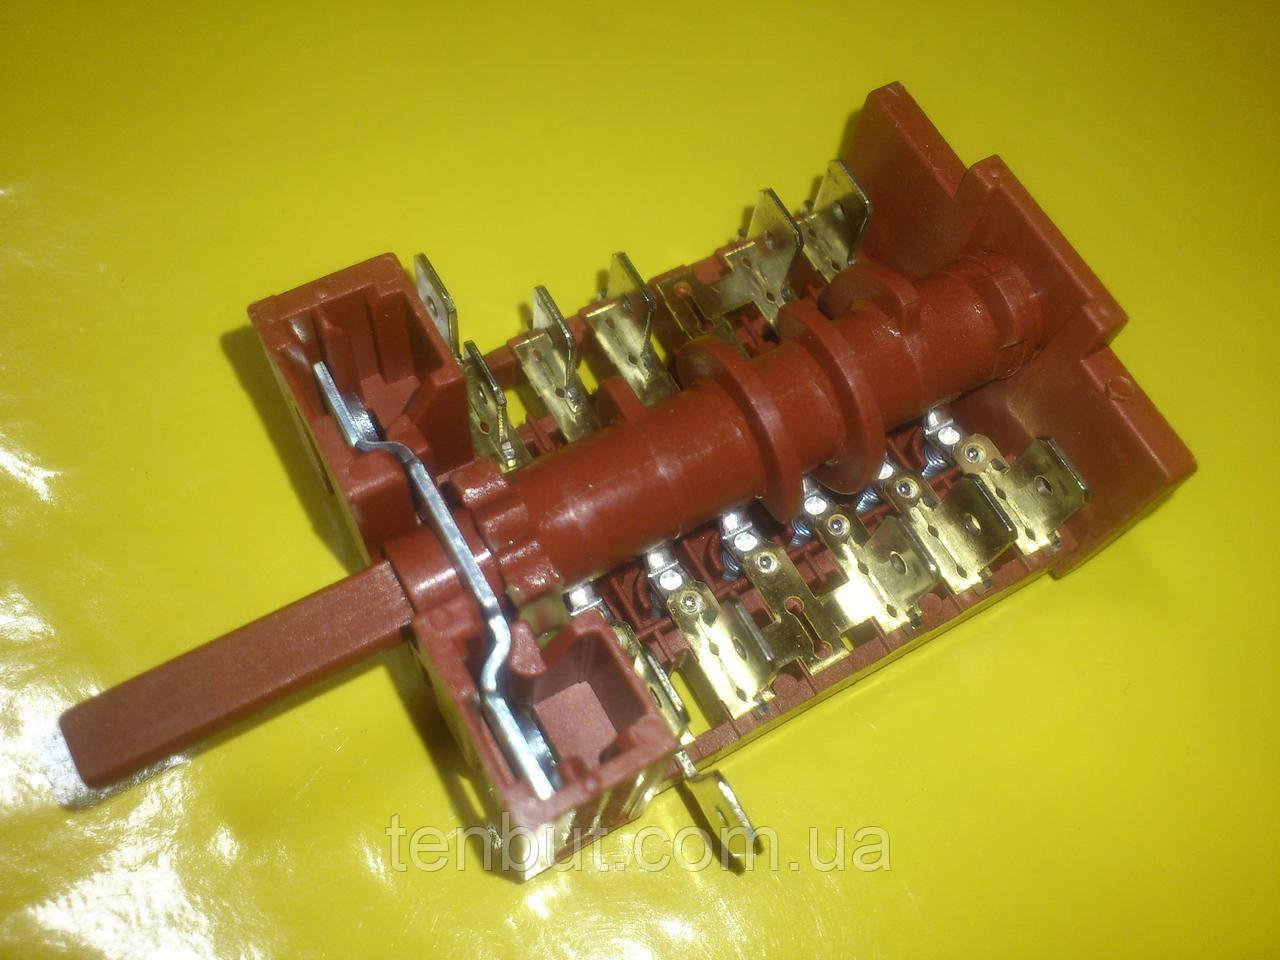 Переключатель для эл.плит HANSA 870634 / 7-ми позиционный производство Испания